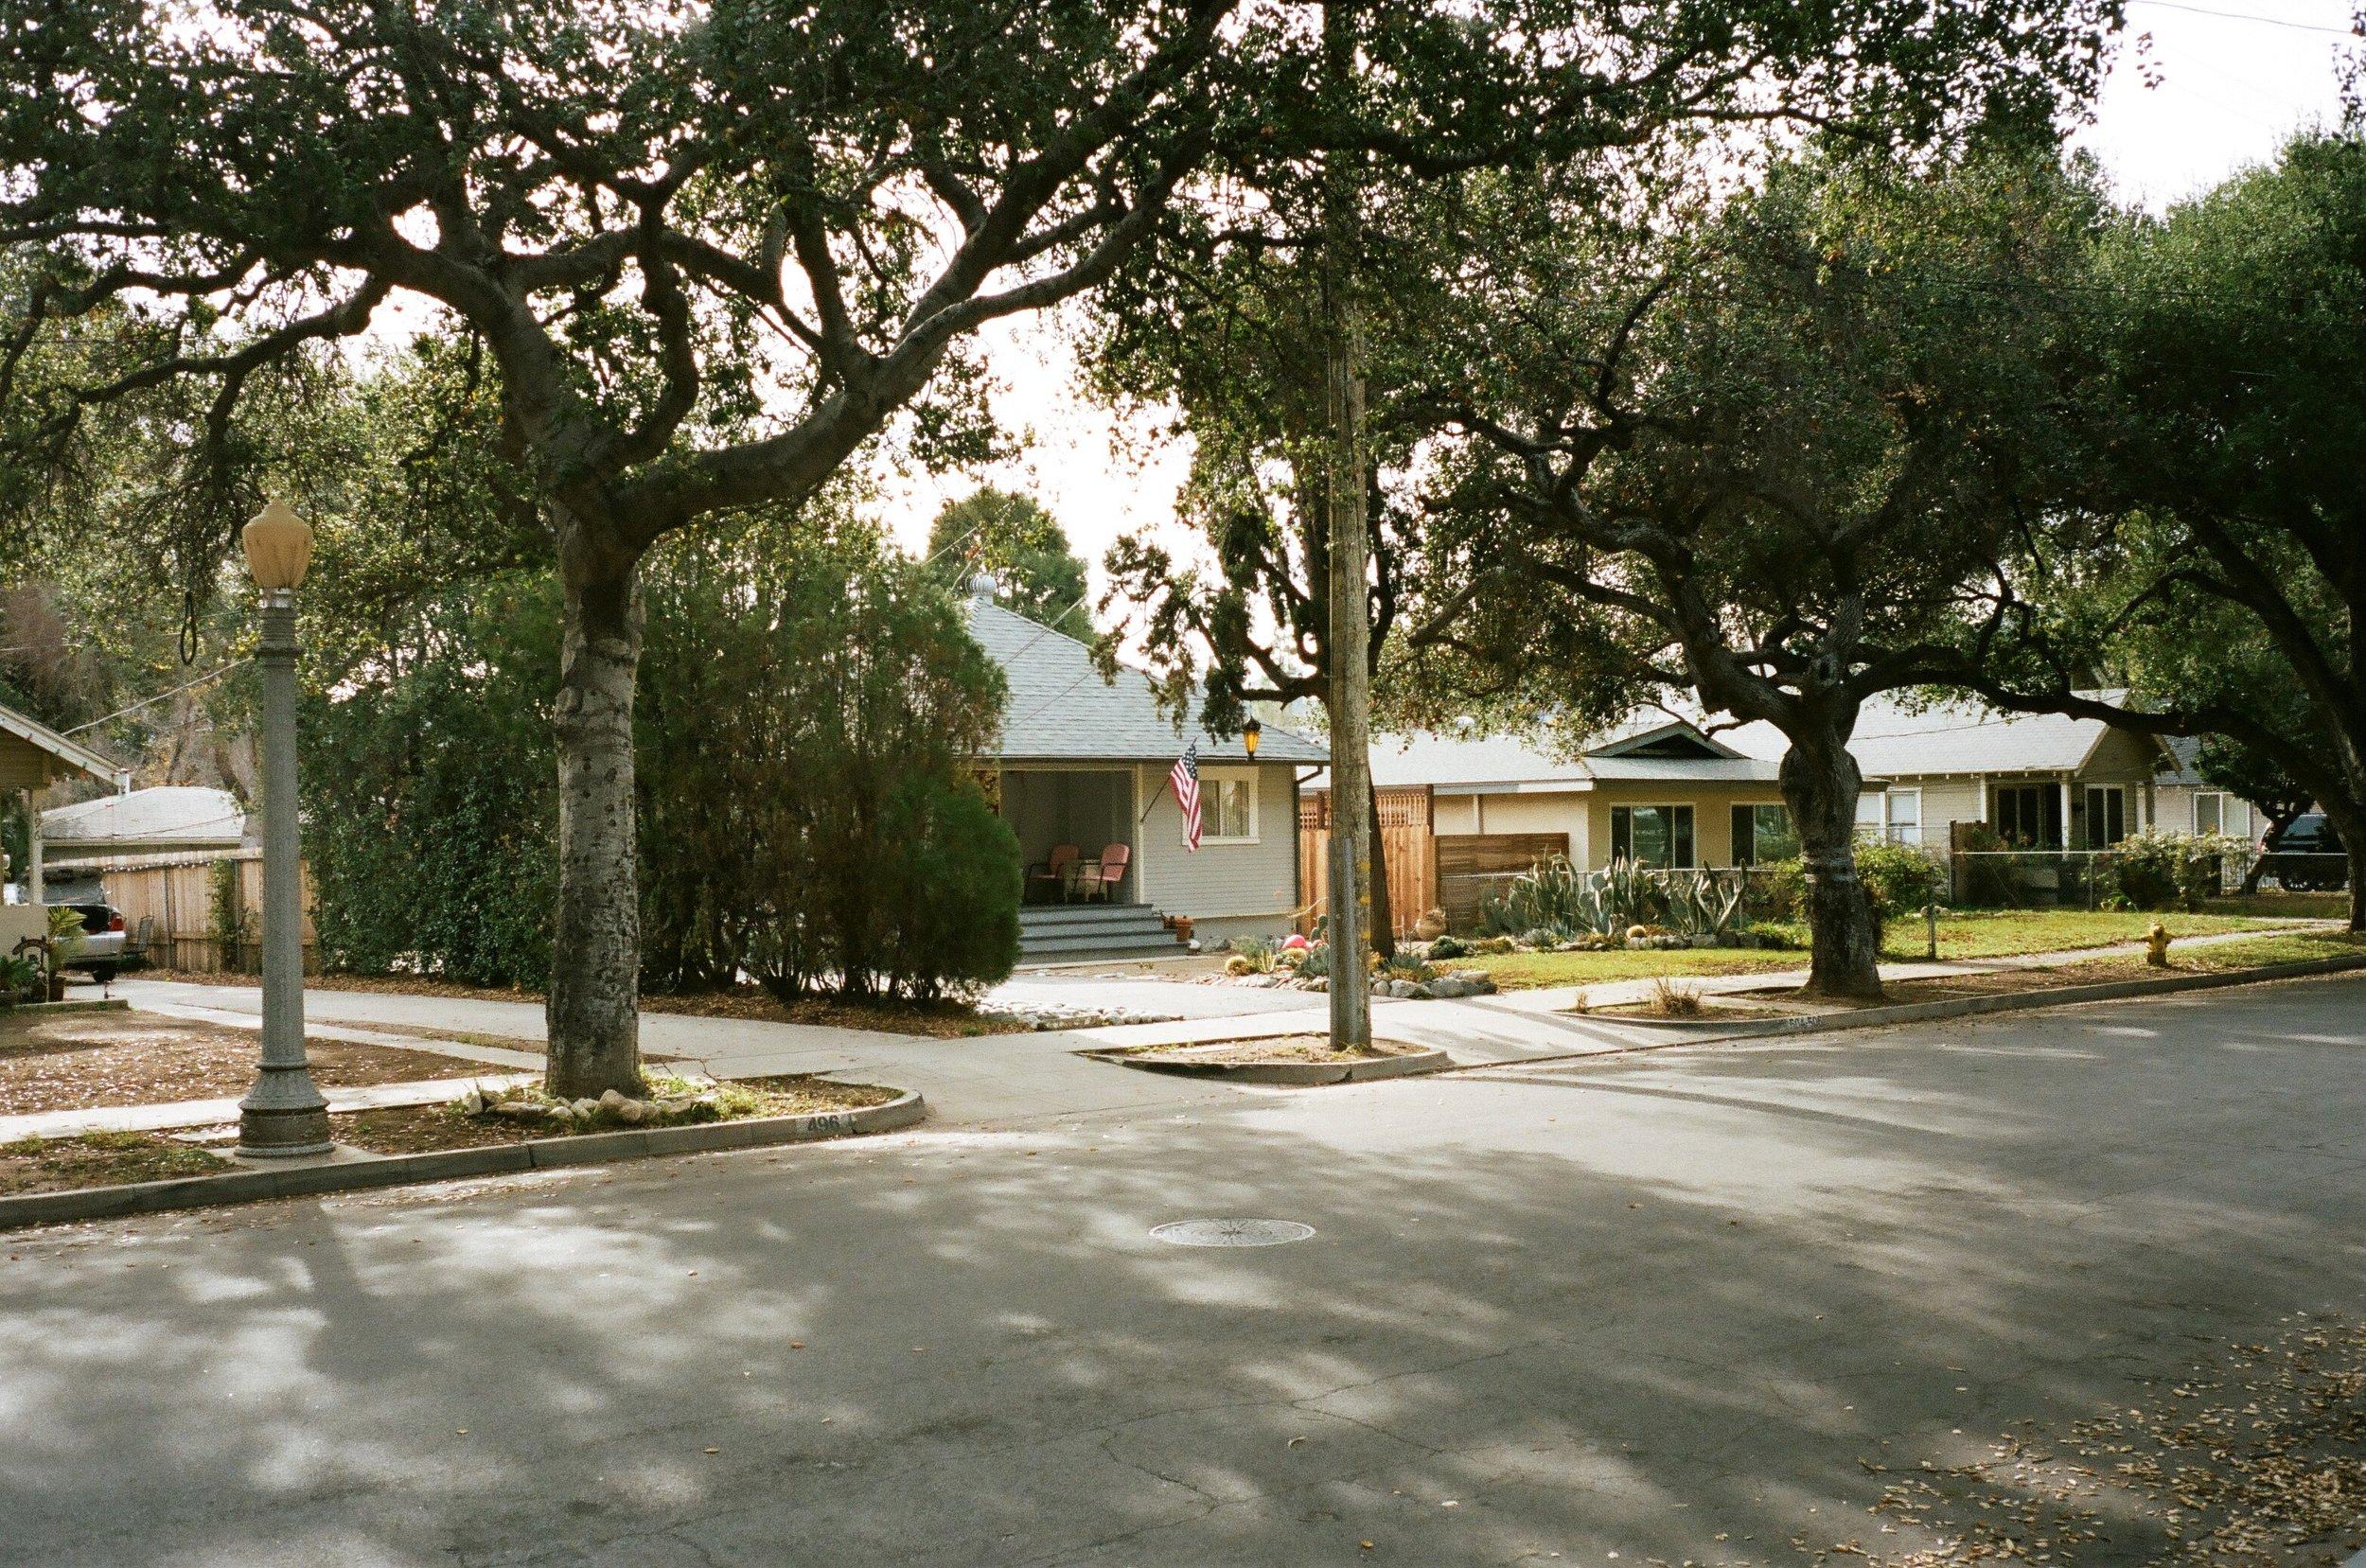 Pasadena, Los Angeles County, California